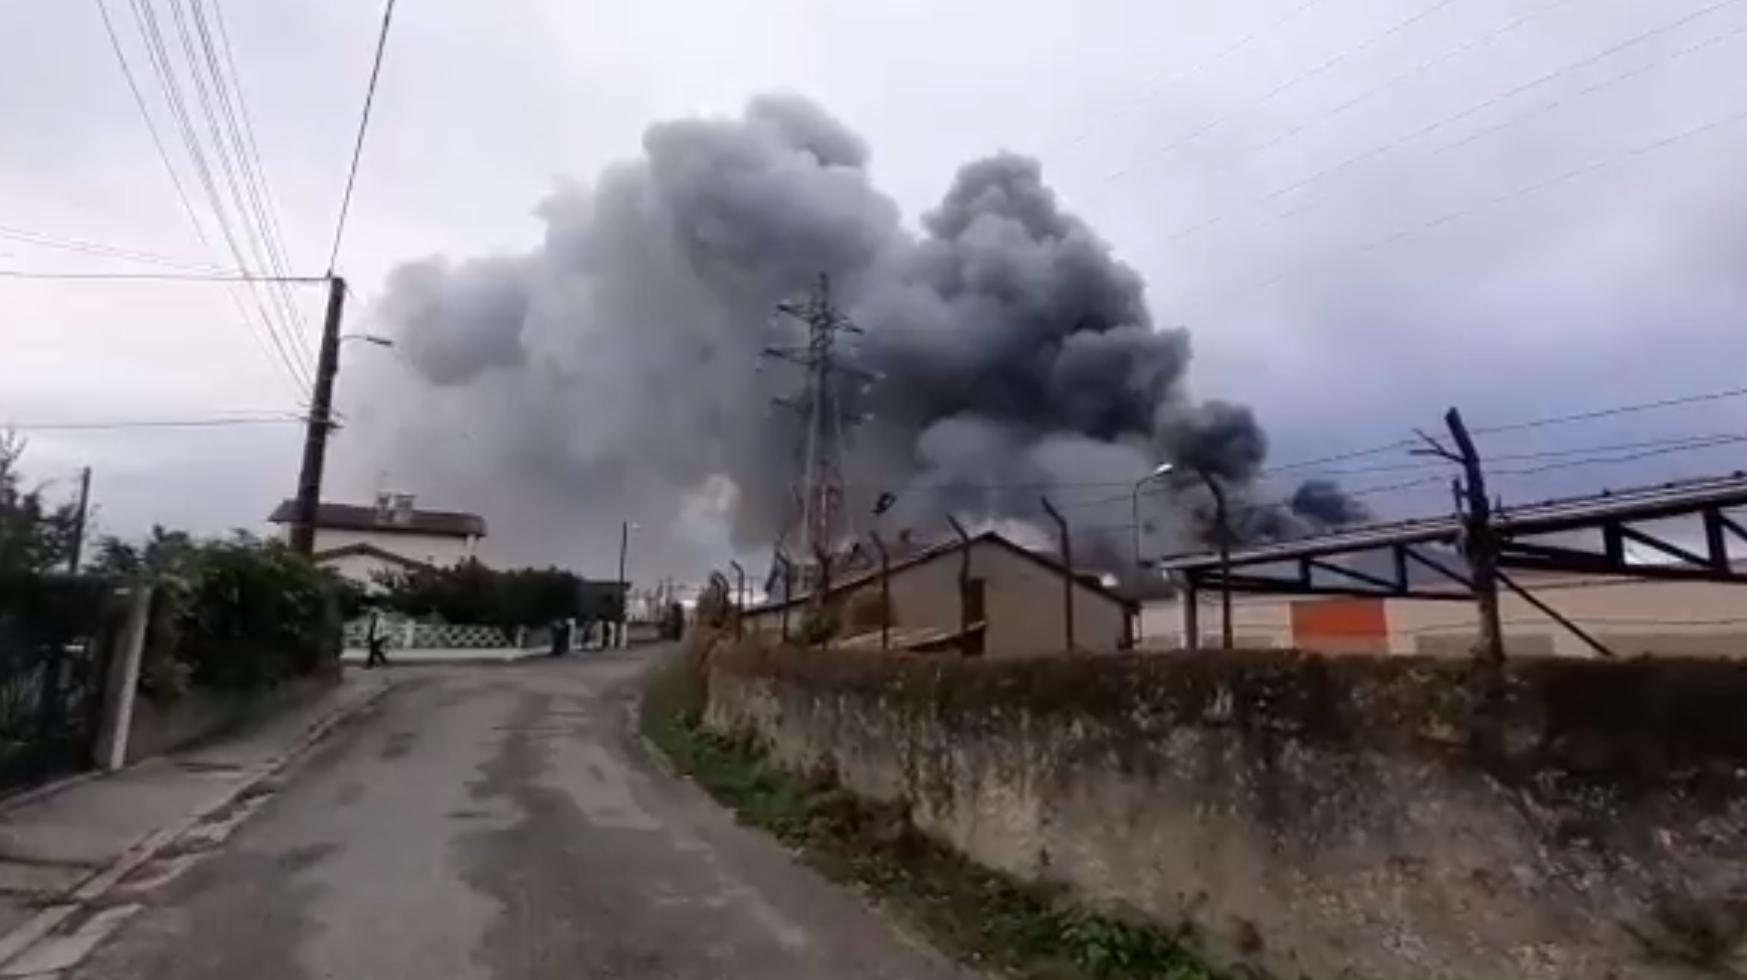 Із заводу евакуювали персонал.